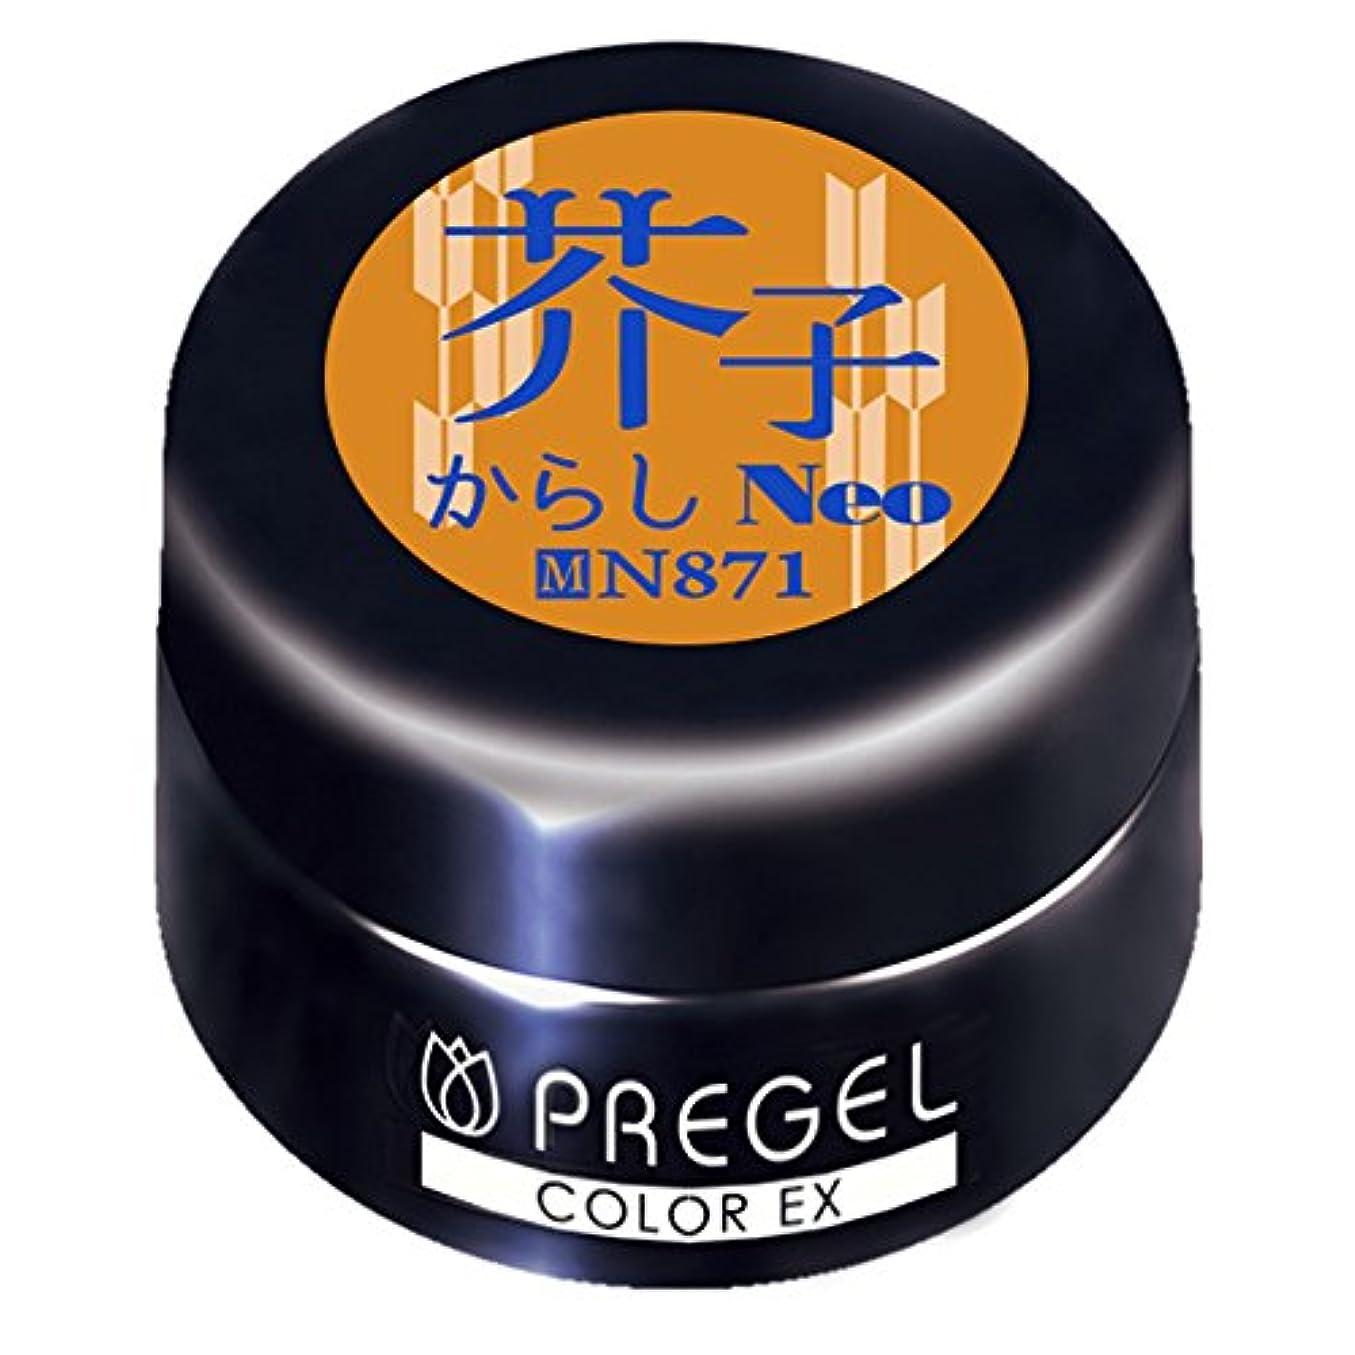 カブバリケード小康PRE GELカラーEX 芥子(からし)neo 3g PG-CEN871